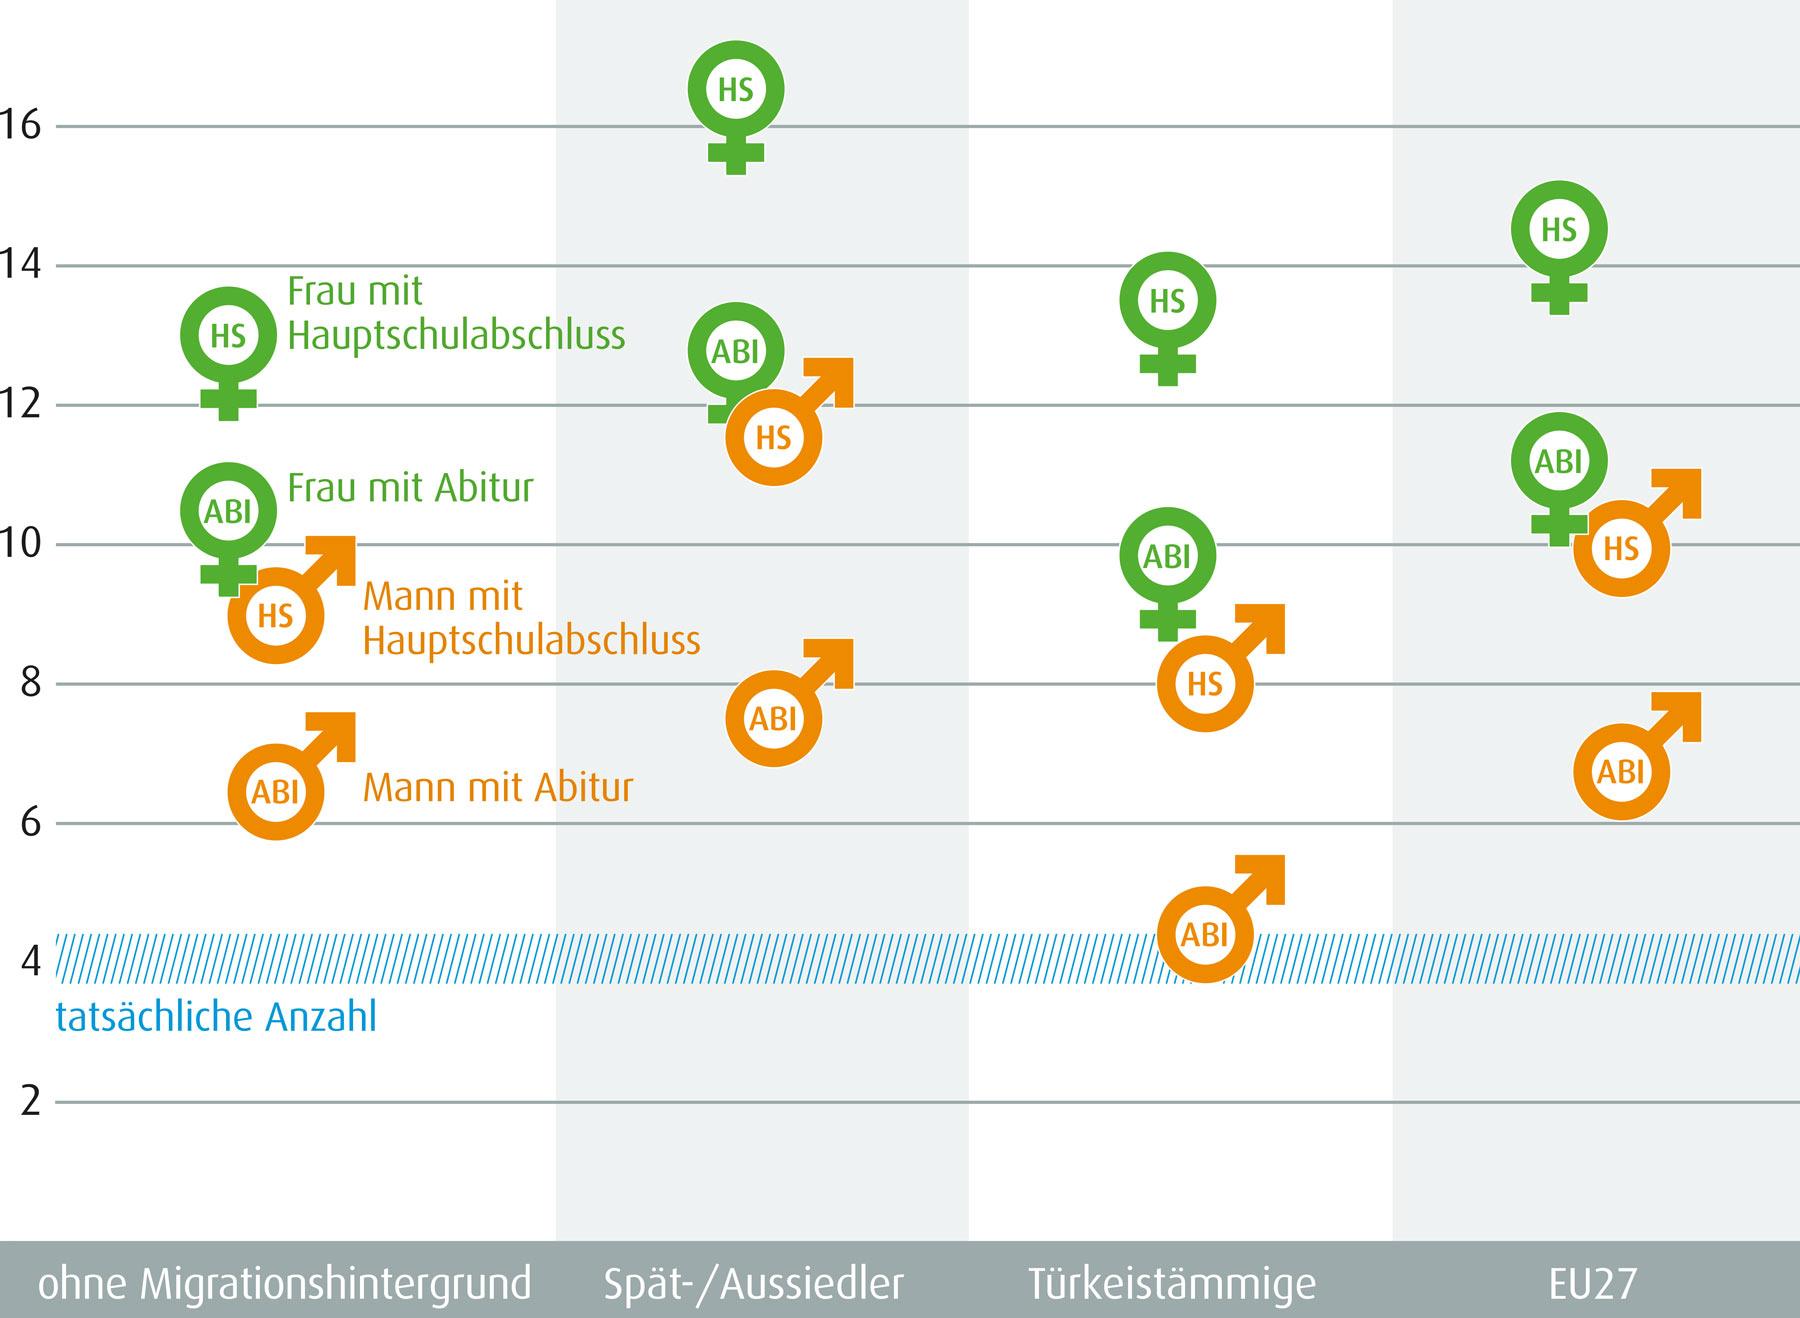 SVR Infografik: Schätzwerte eines durchschnittlichen Befragten zur Anzahl der Muslime